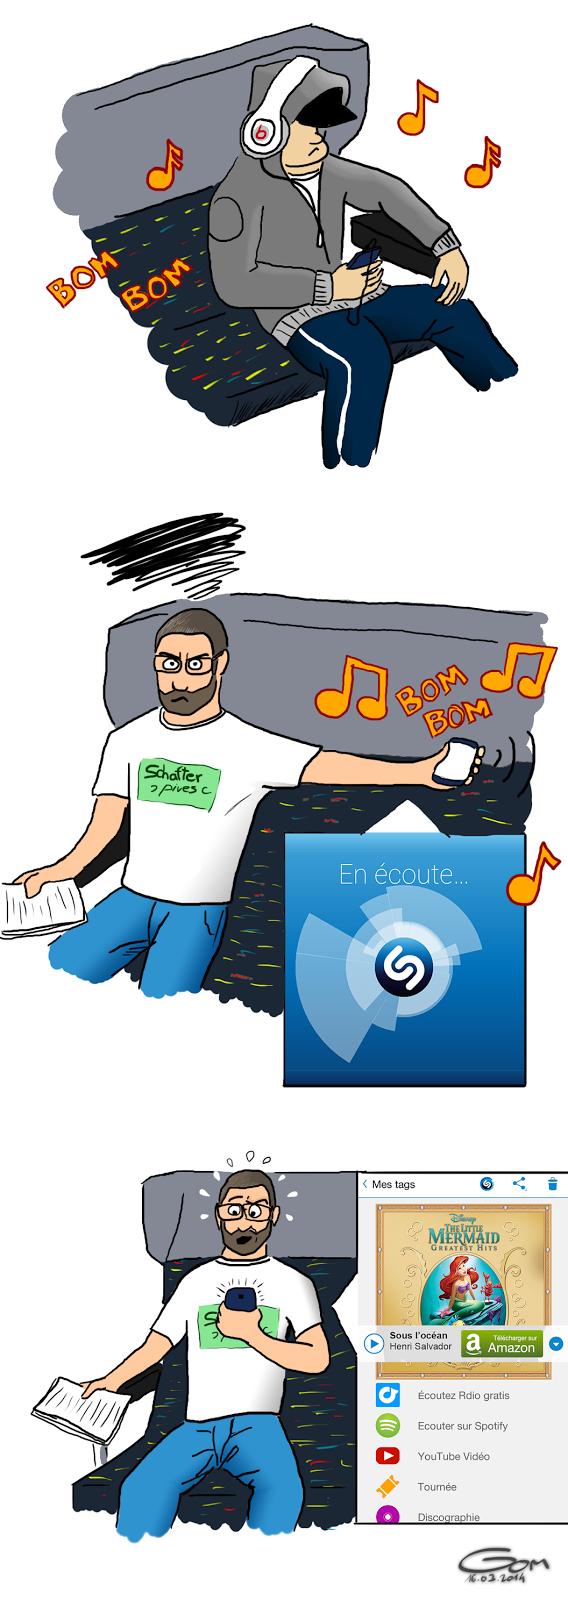 Shazam et de la musique trop forte dans les trains